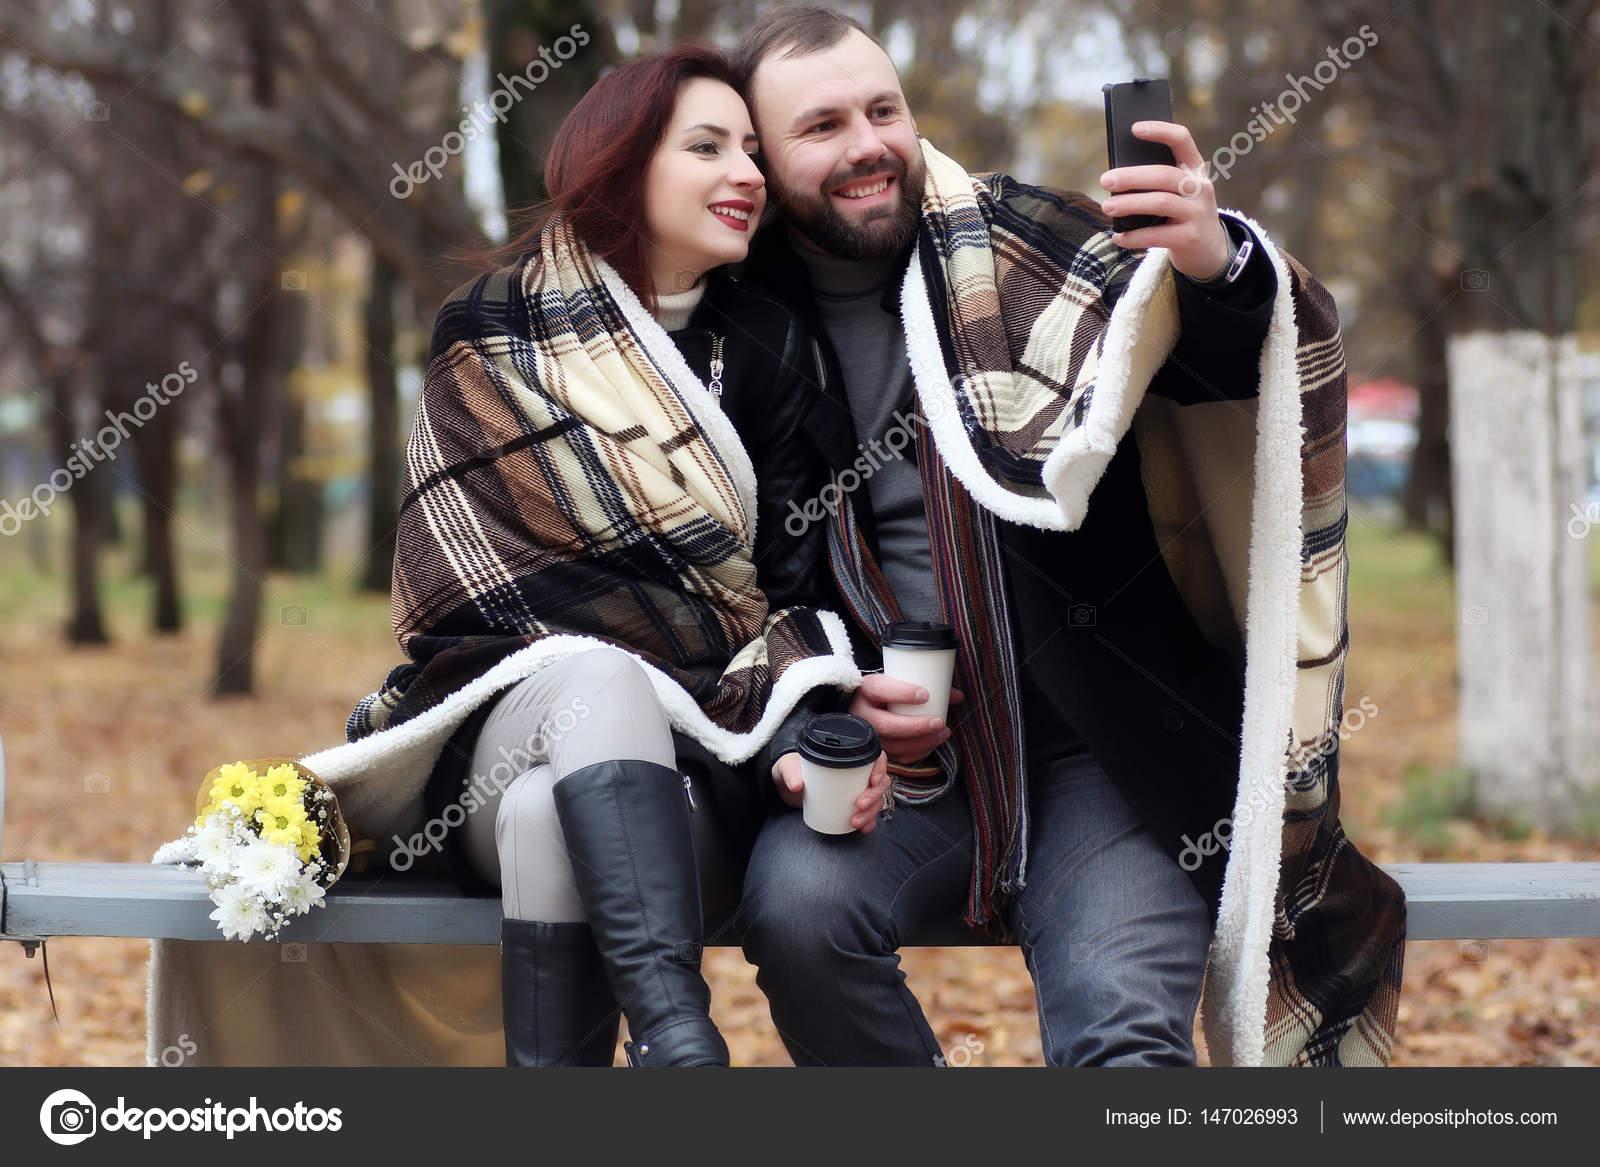 Christian dating för gratis mobil